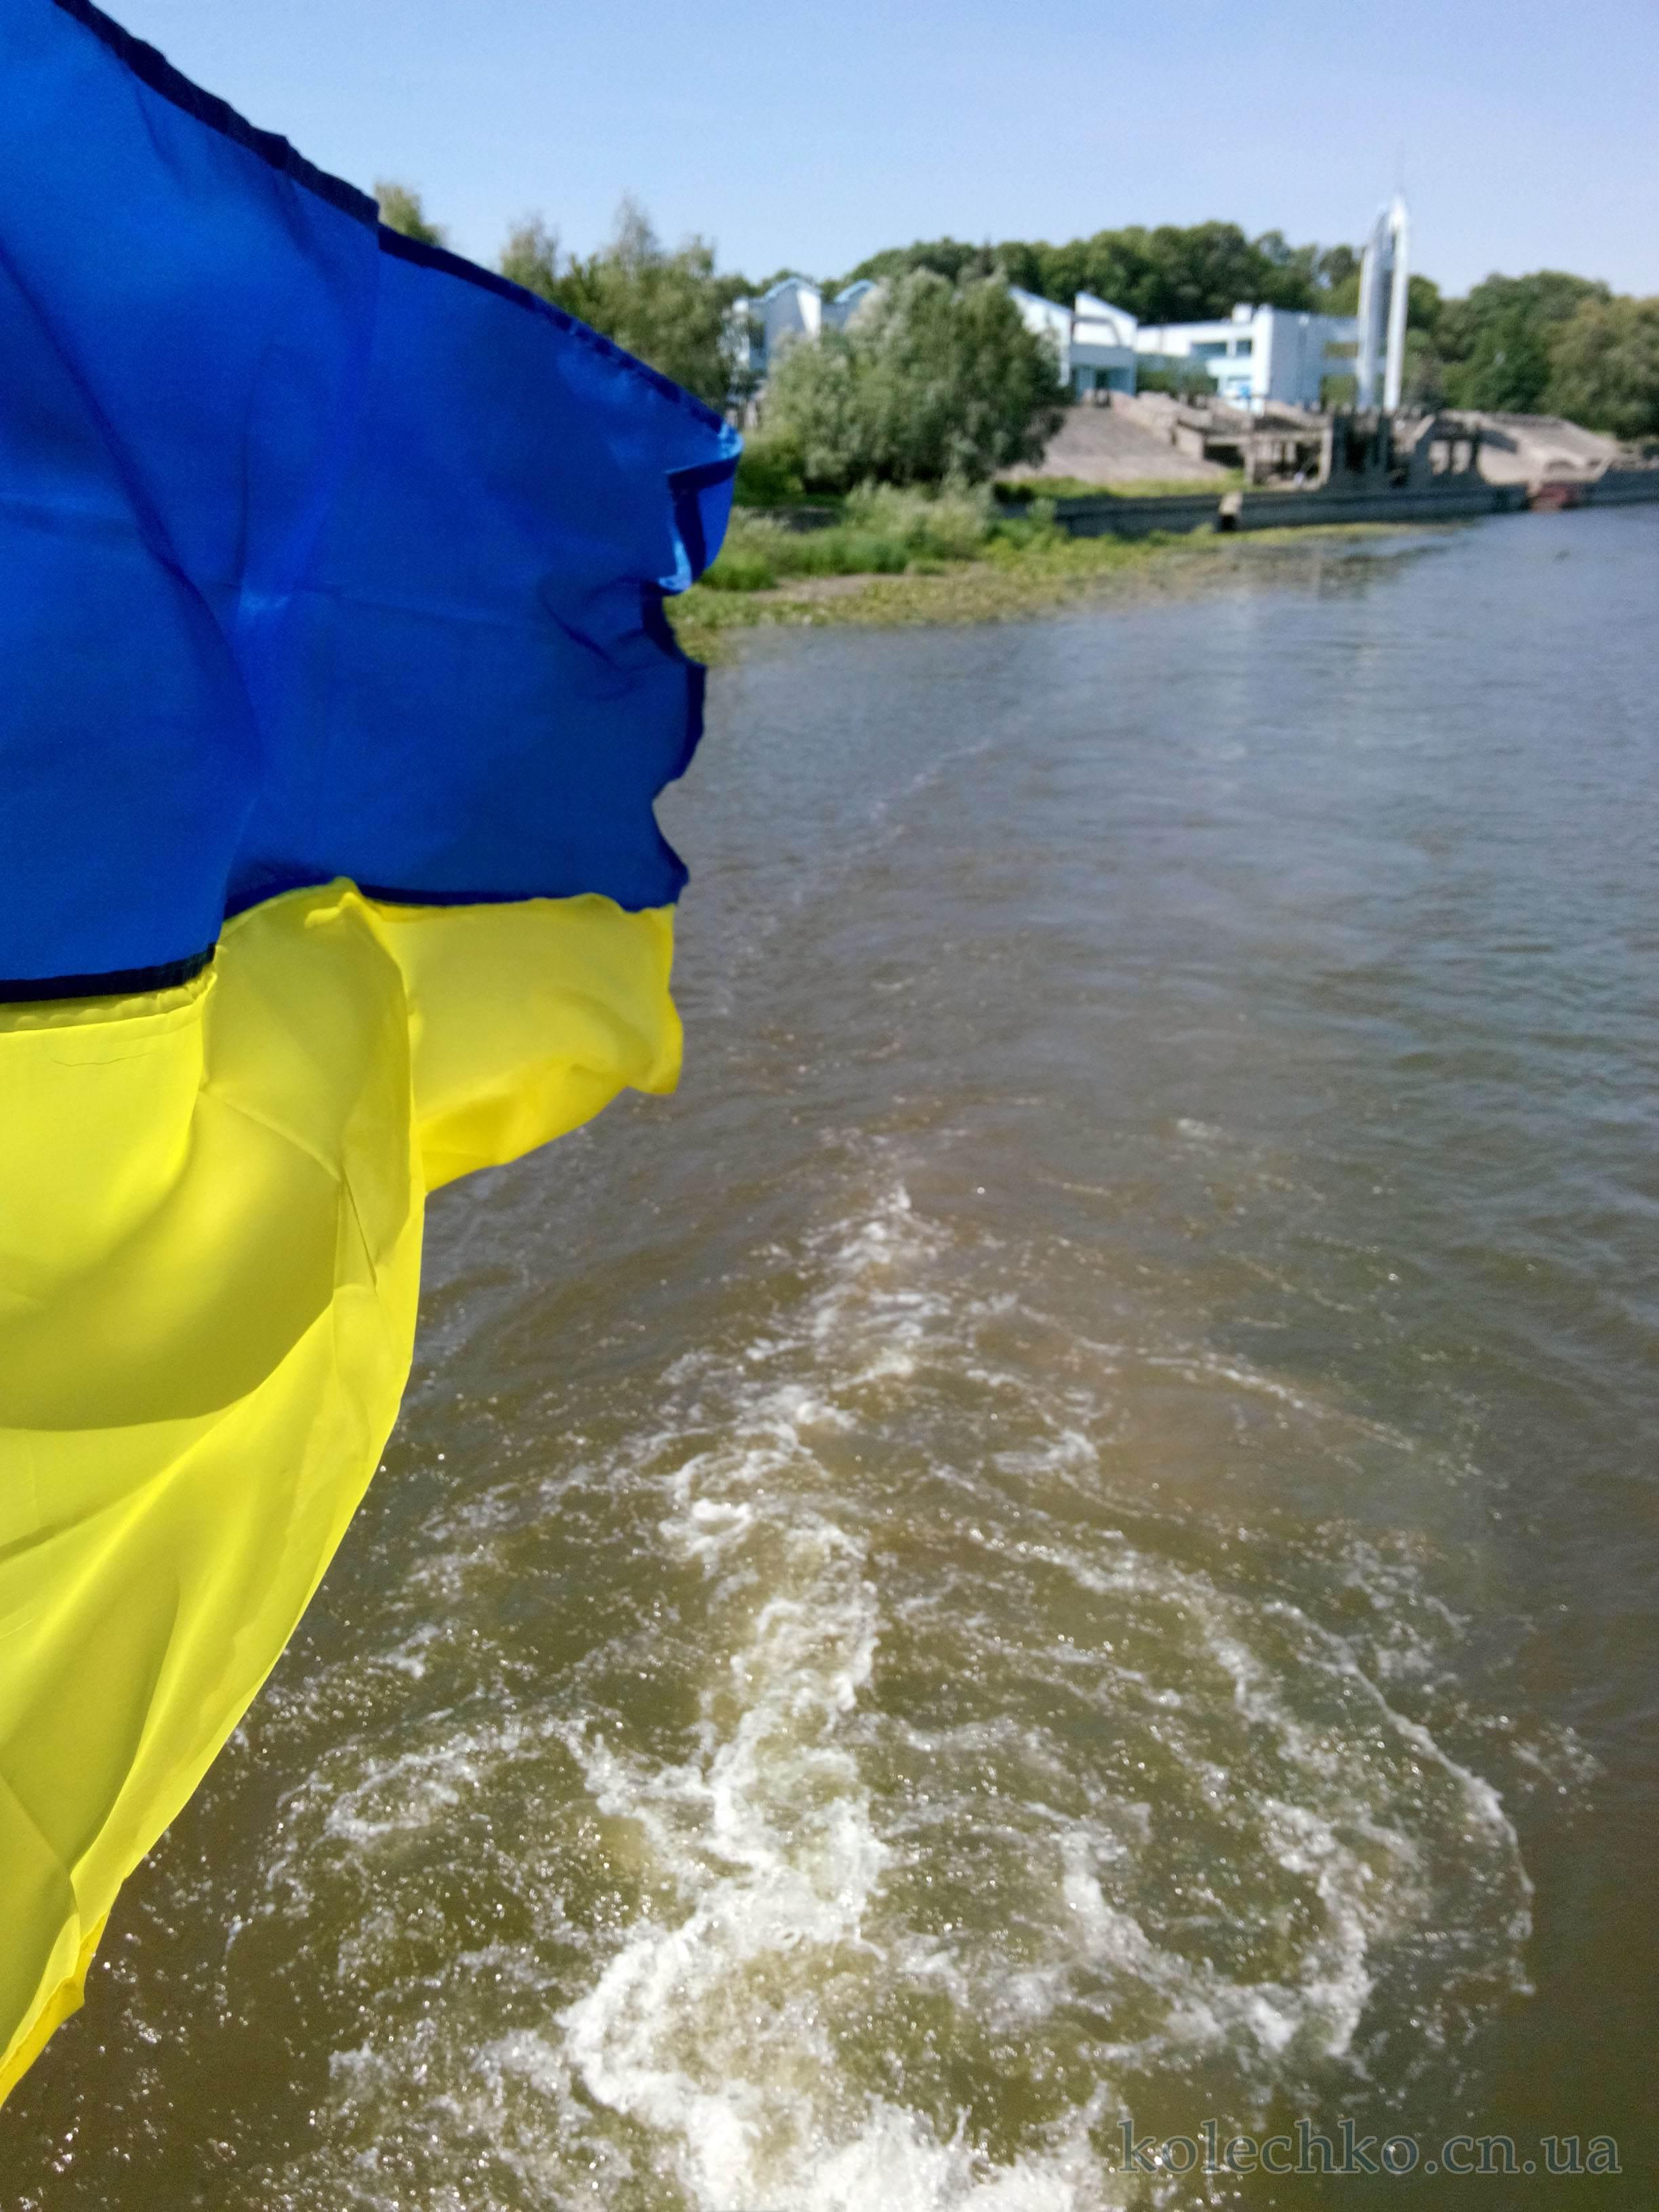 флаг Украины на корабле